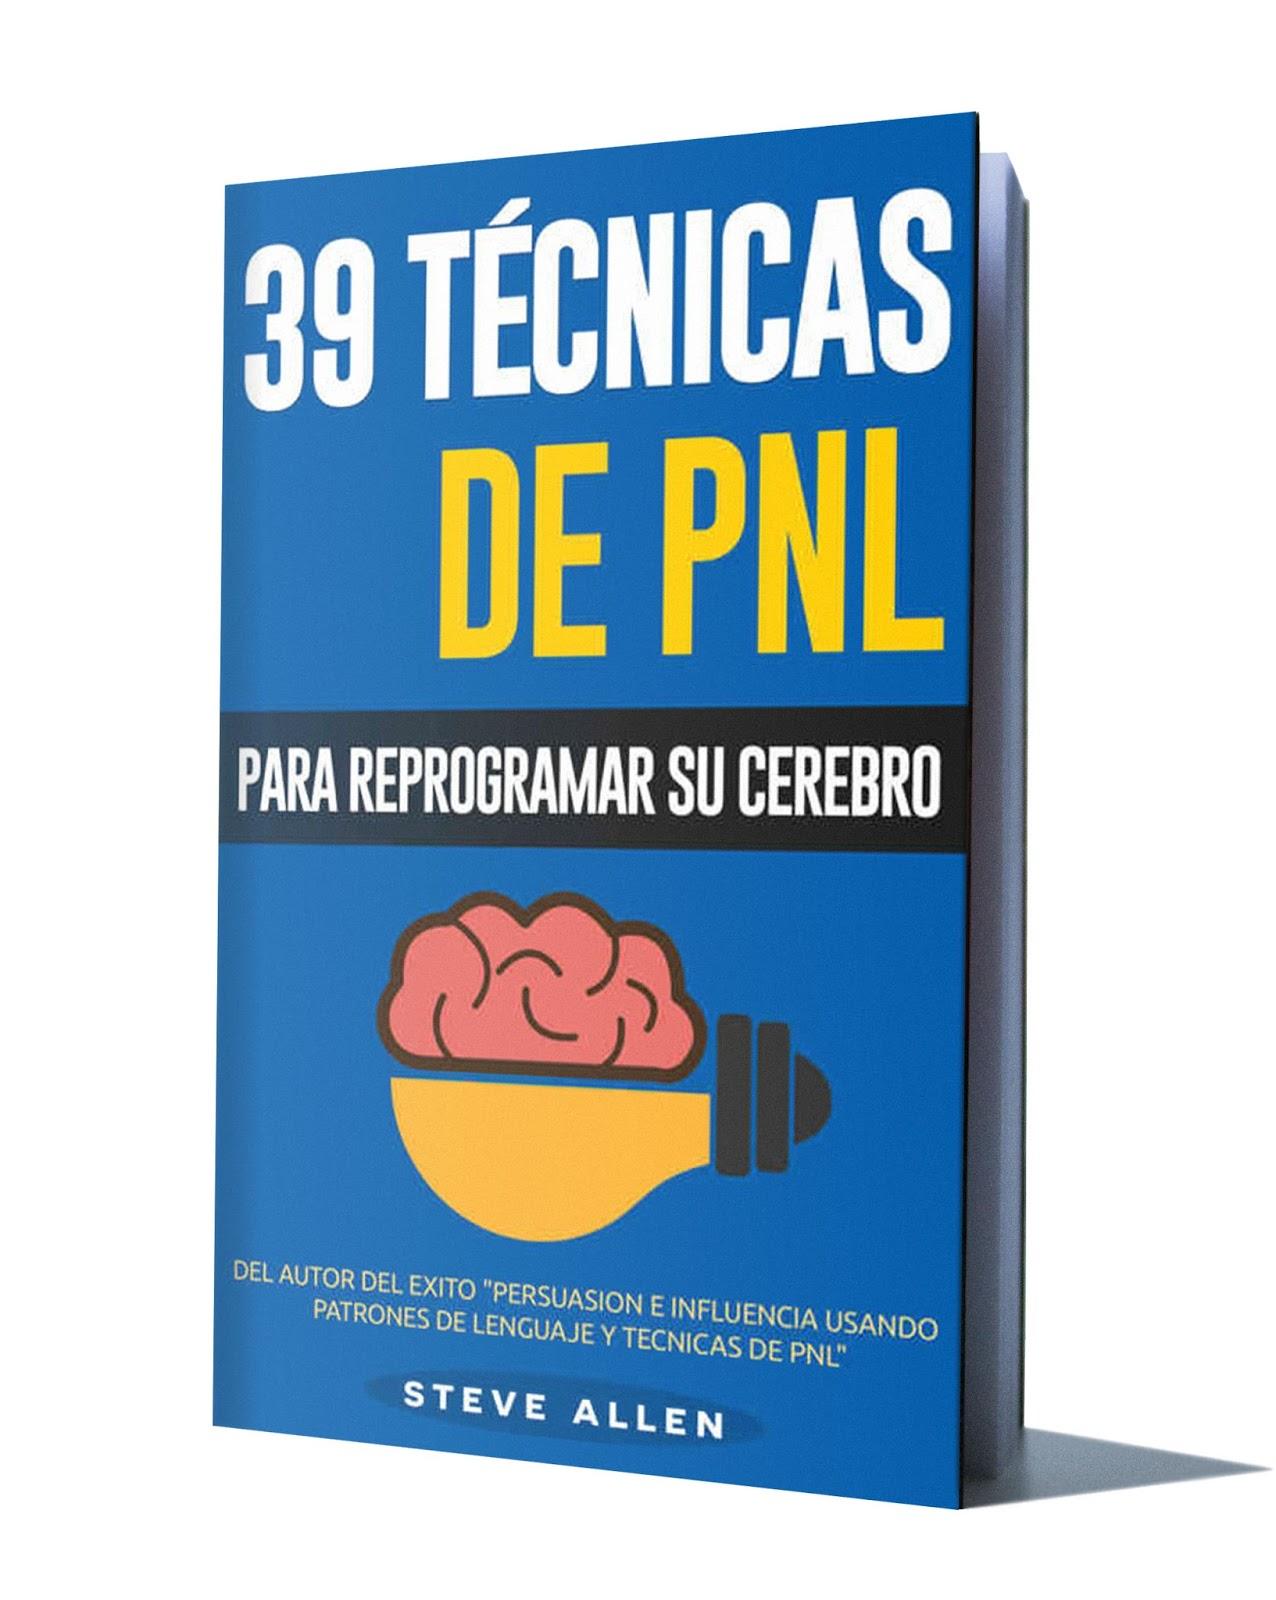 39 TÉCNICAS DE PNL – STEVE ALLEN - Libros De Millonarios  @tataya.com.mx